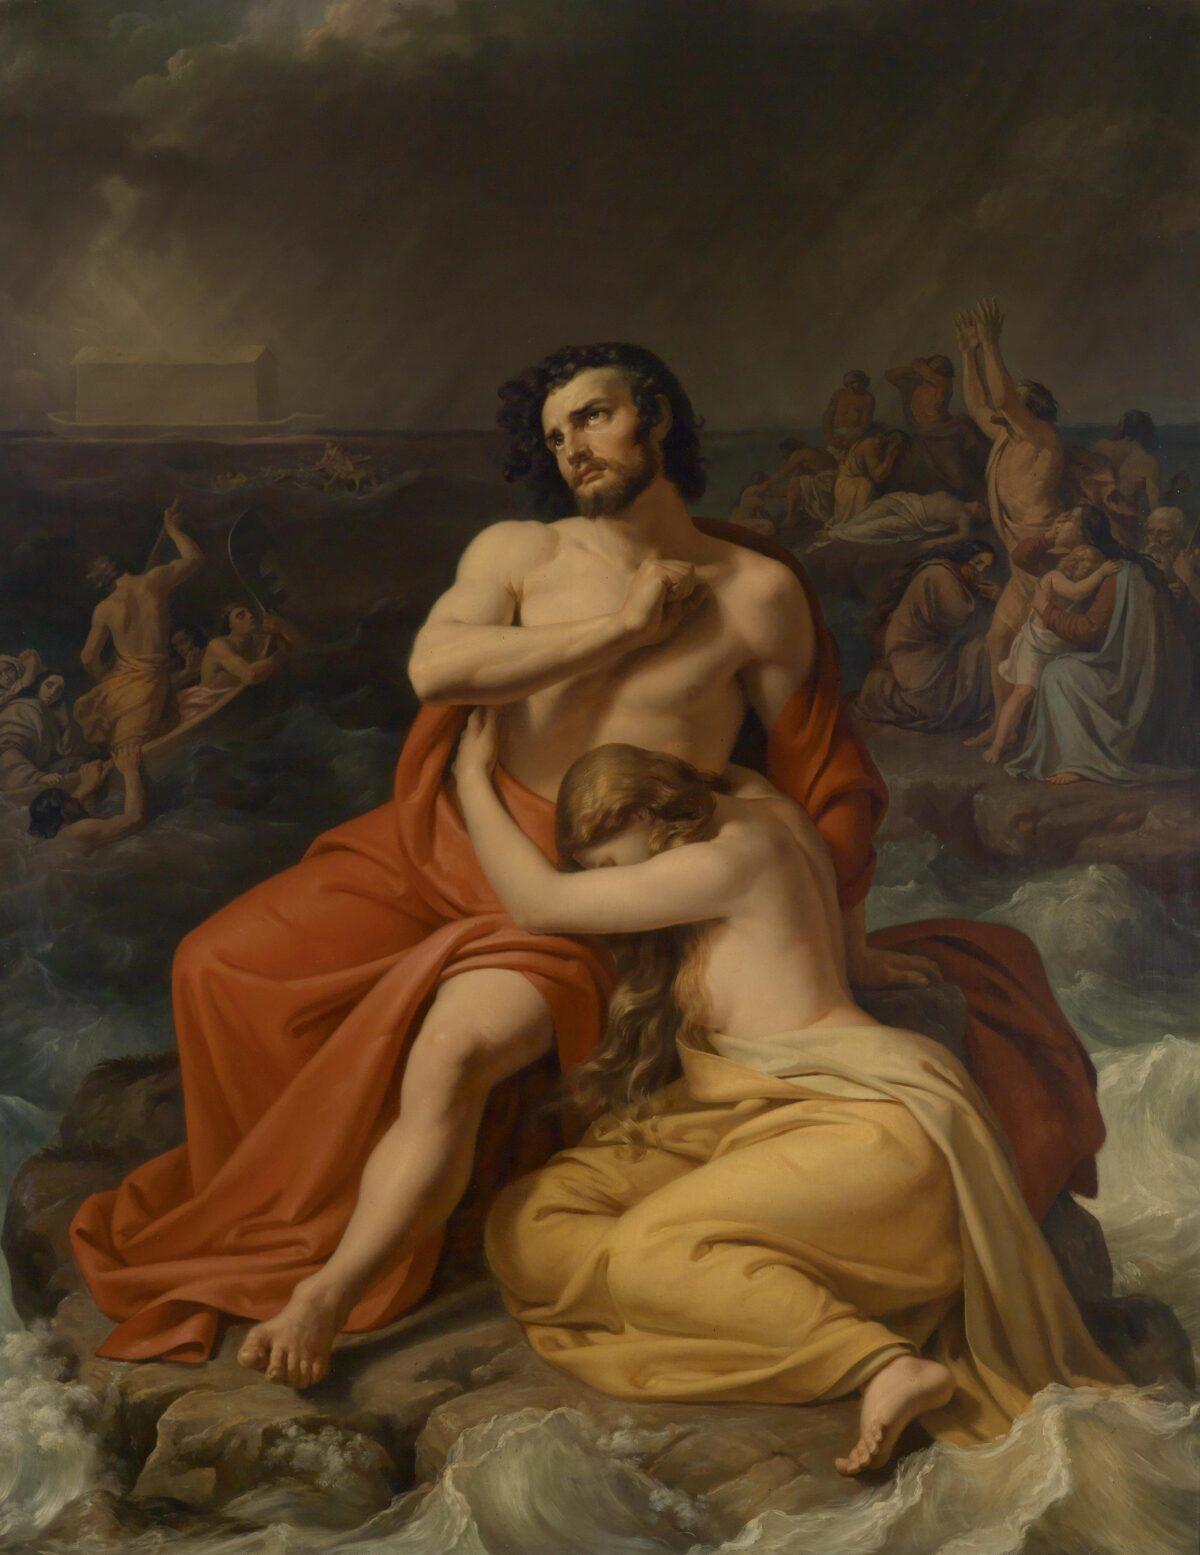 The Flood attributed to Friedrich Matthai